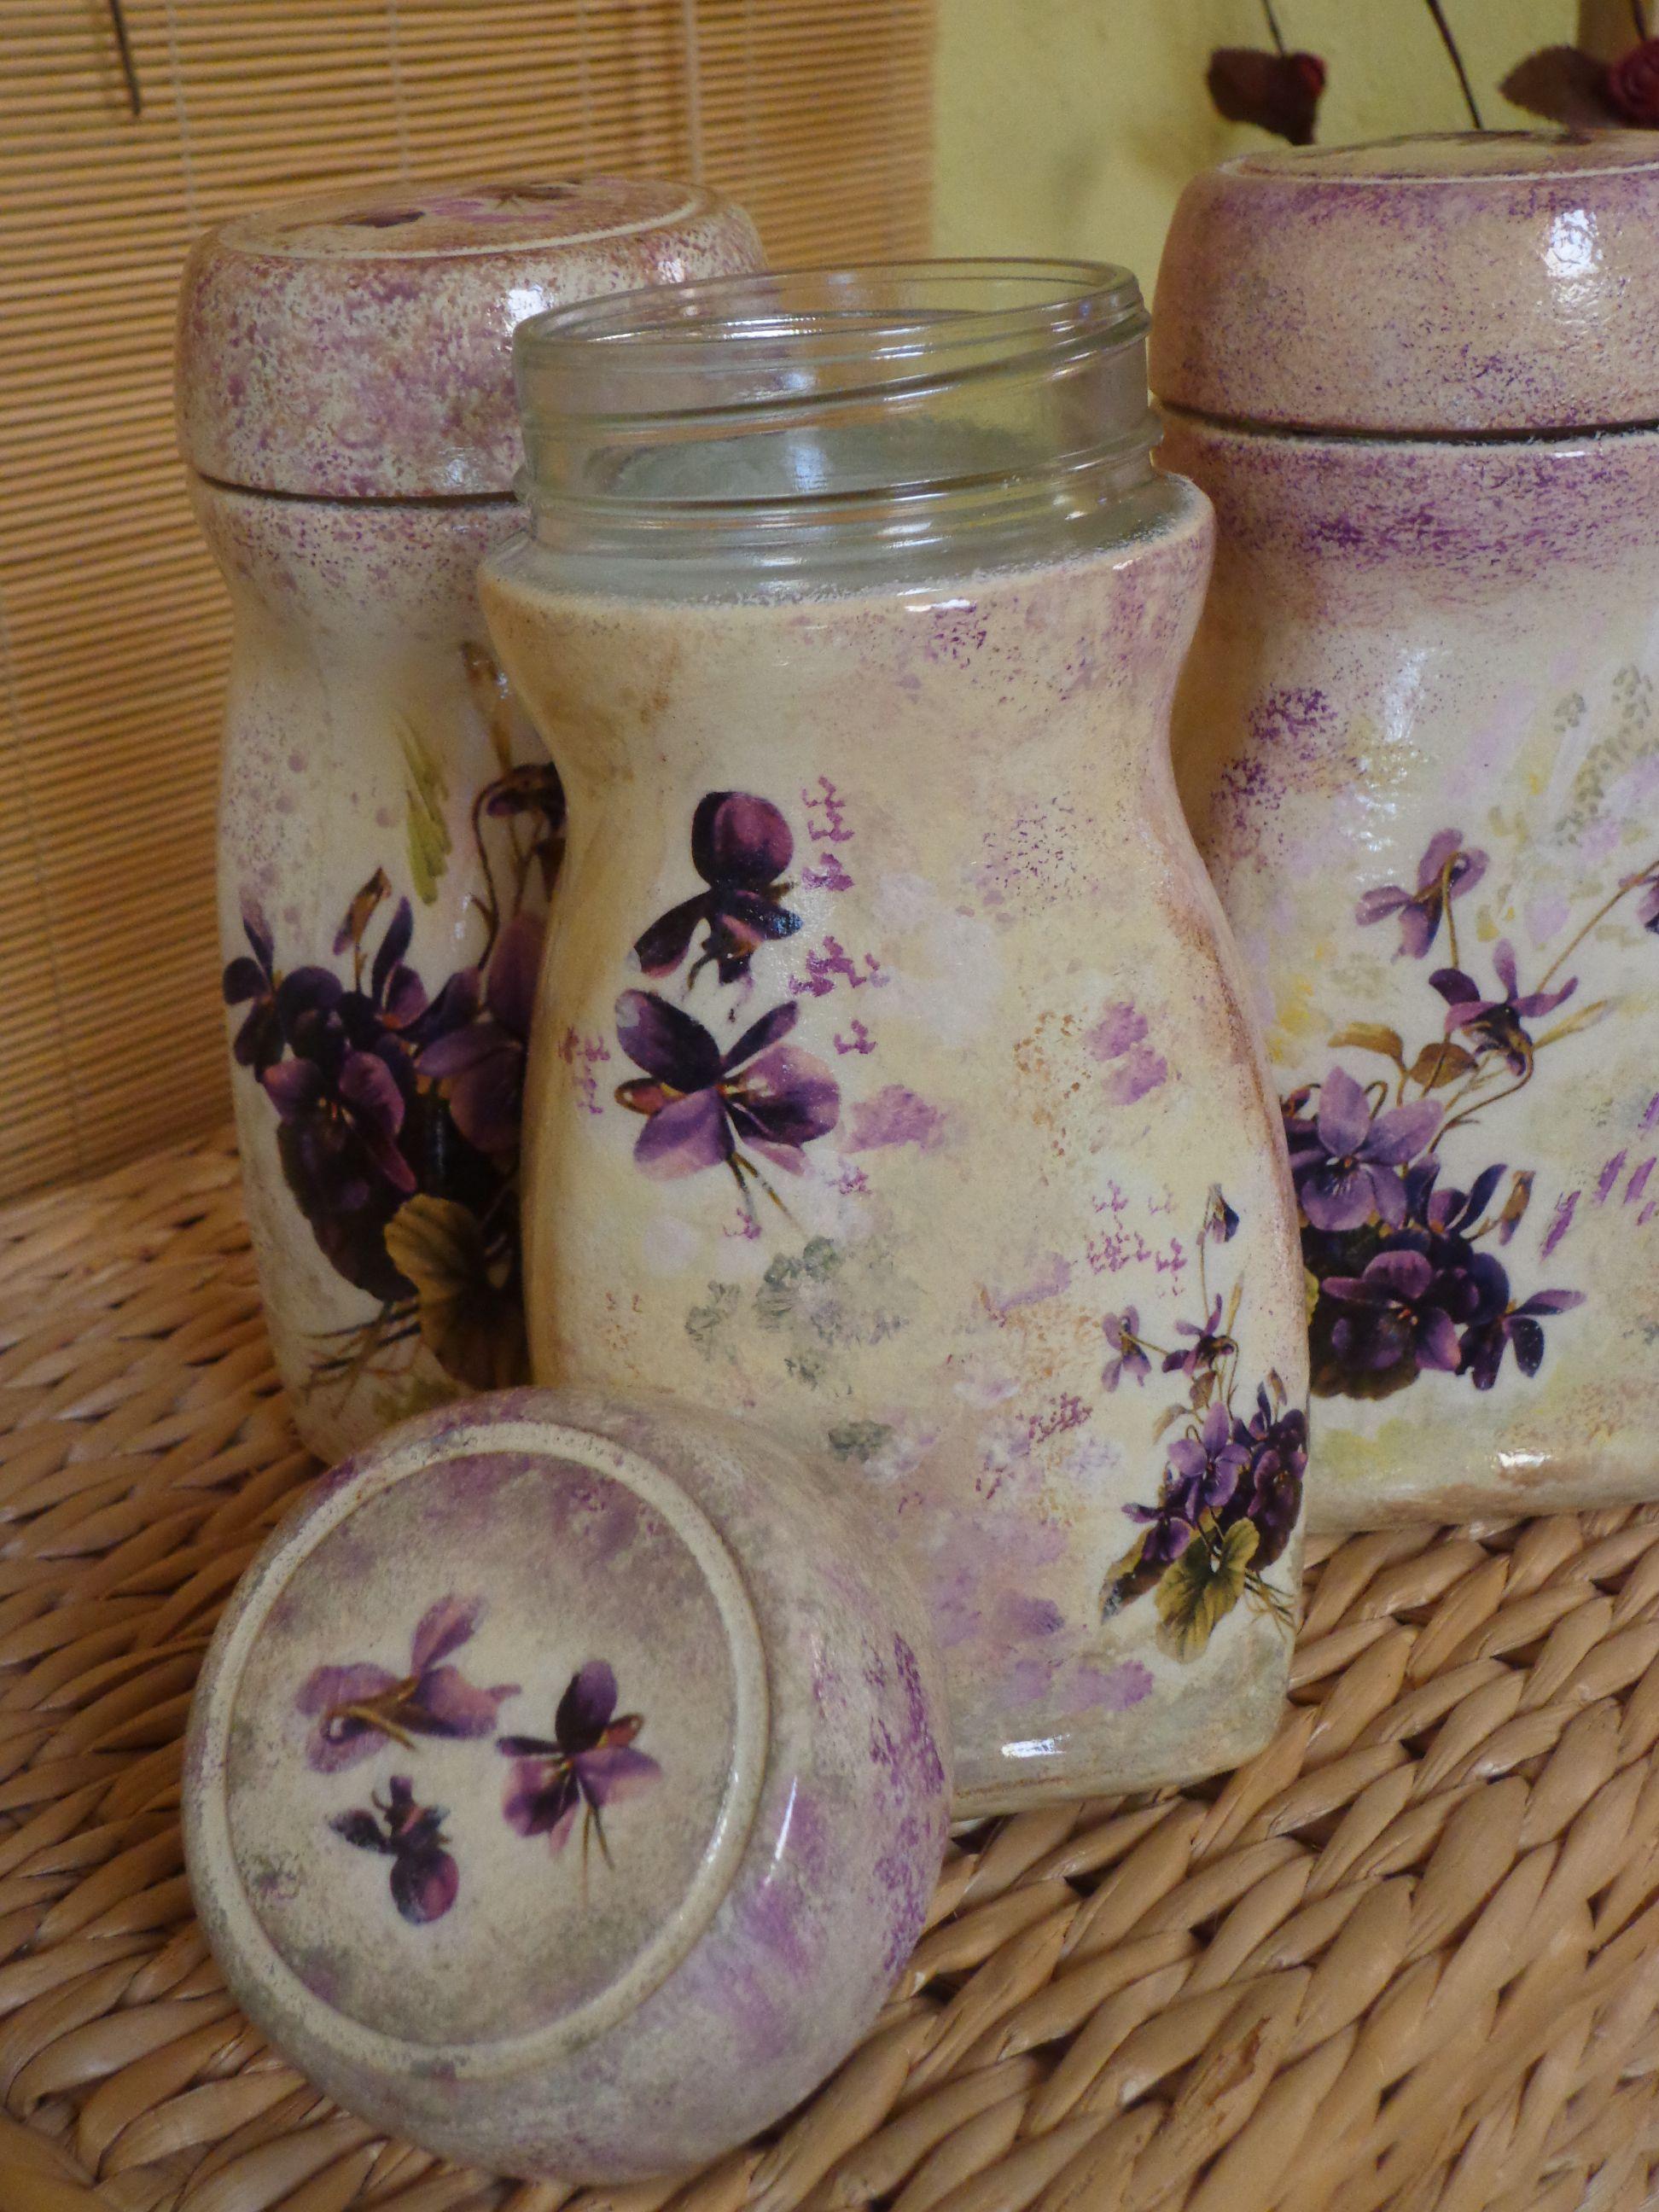 Decoupage en botes de nescafe botes y tarros pinterest - Diy frascos decorados ...